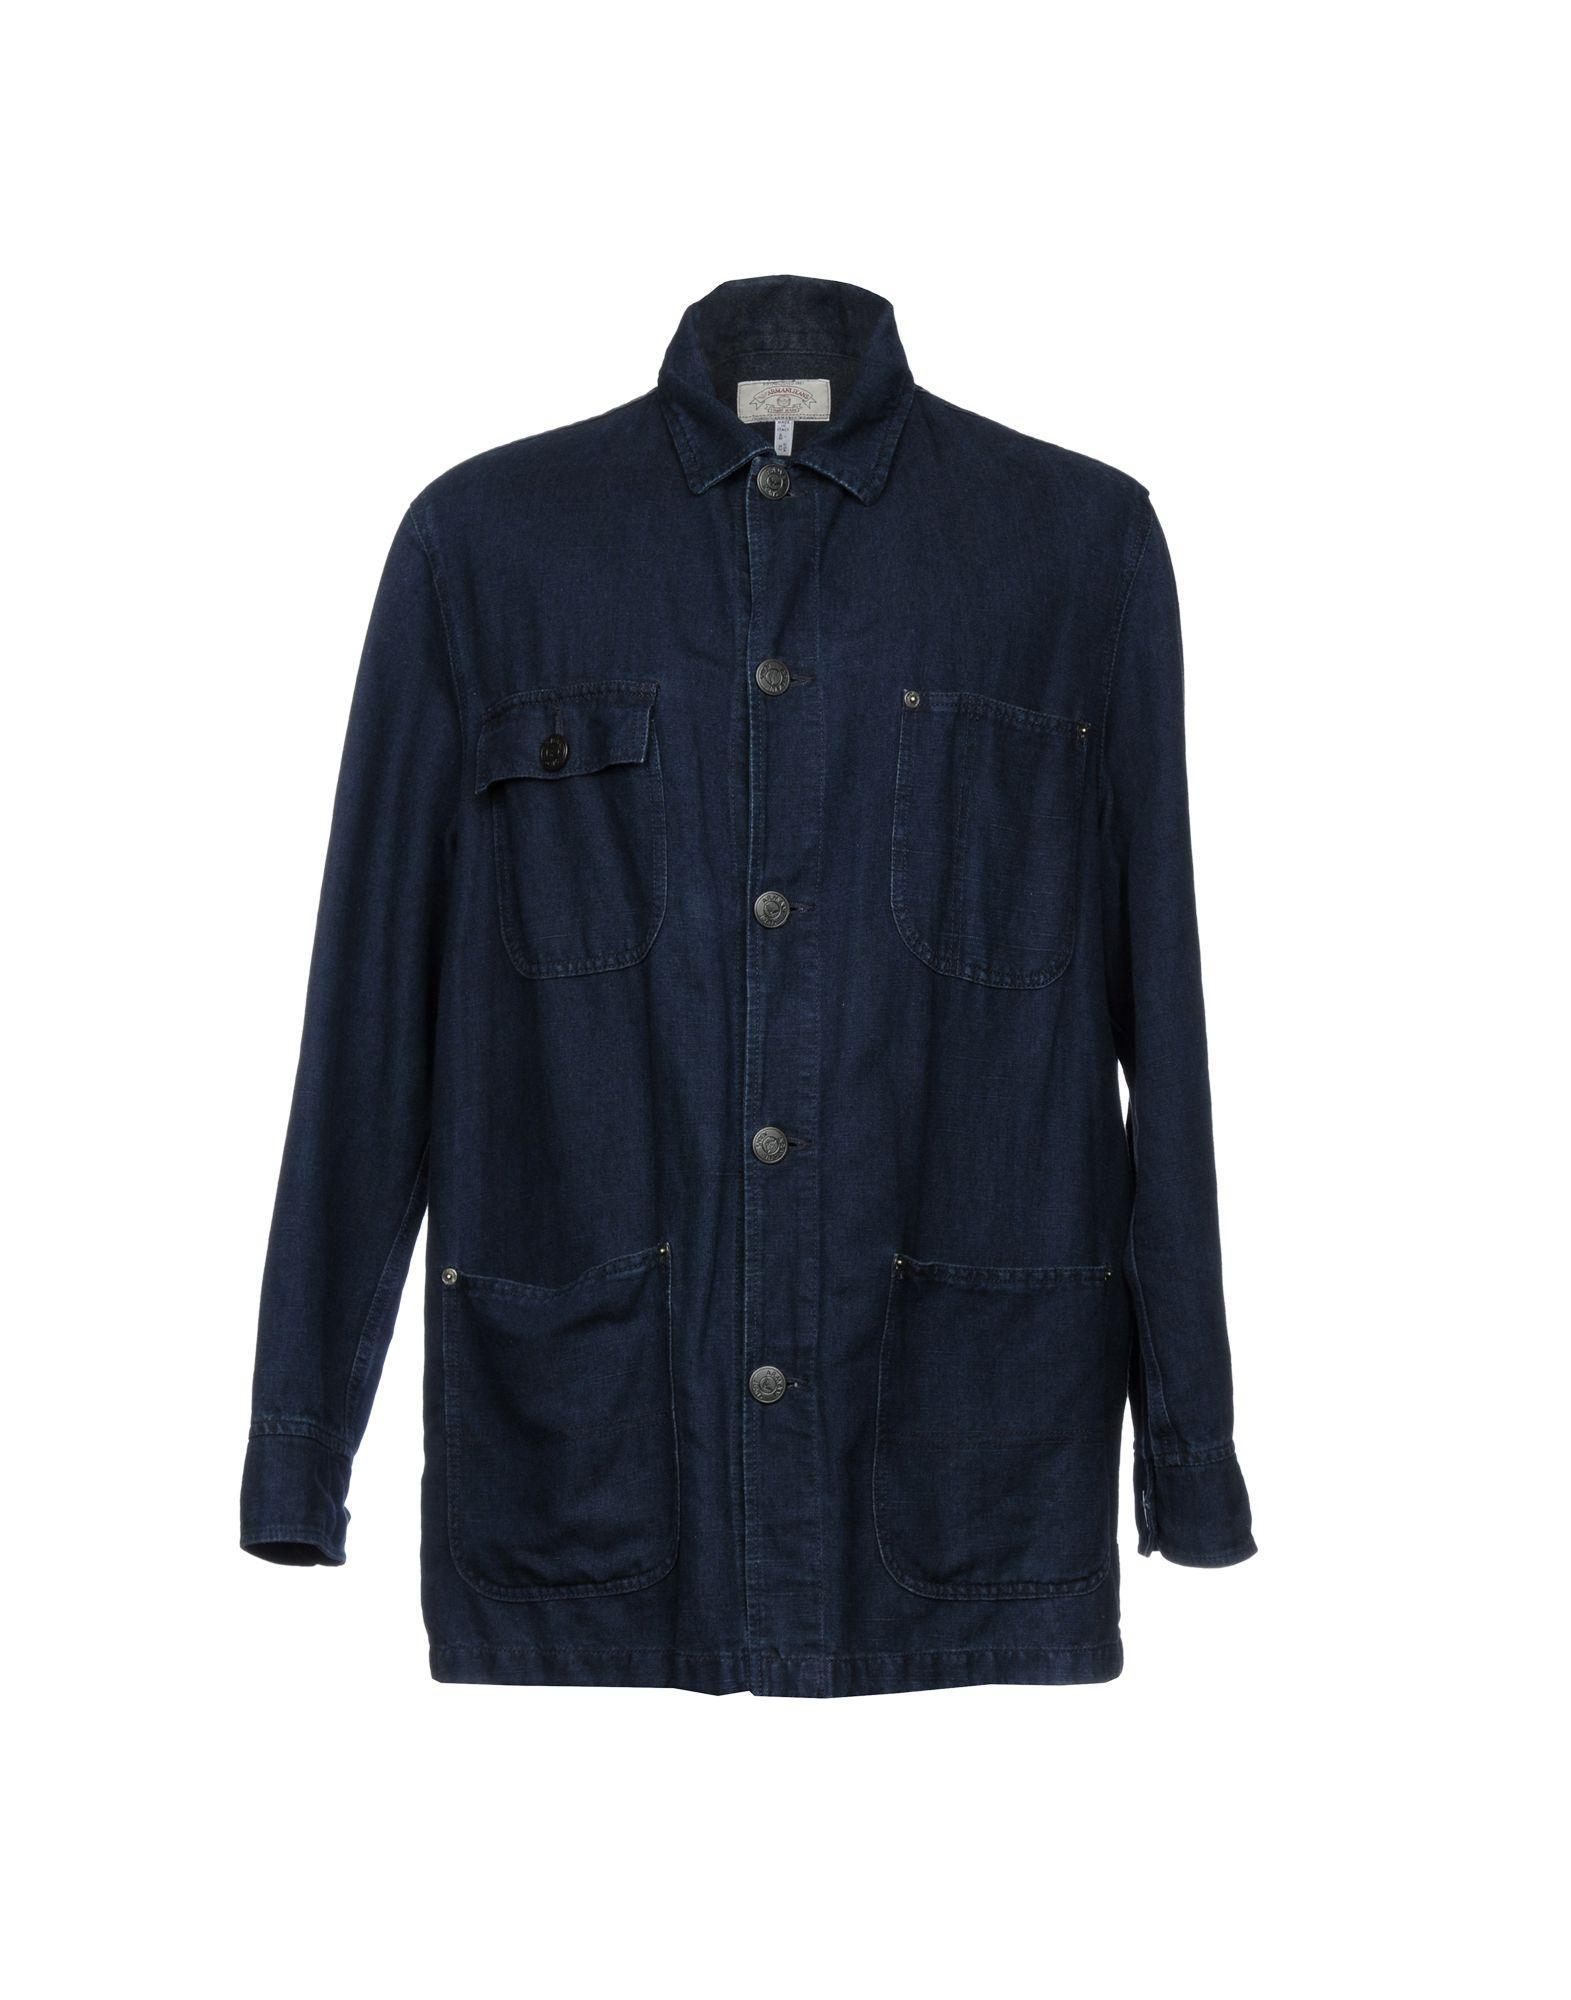 ARMANI JEANS Джинсовая верхняя одежда colmar джинсовая верхняя одежда